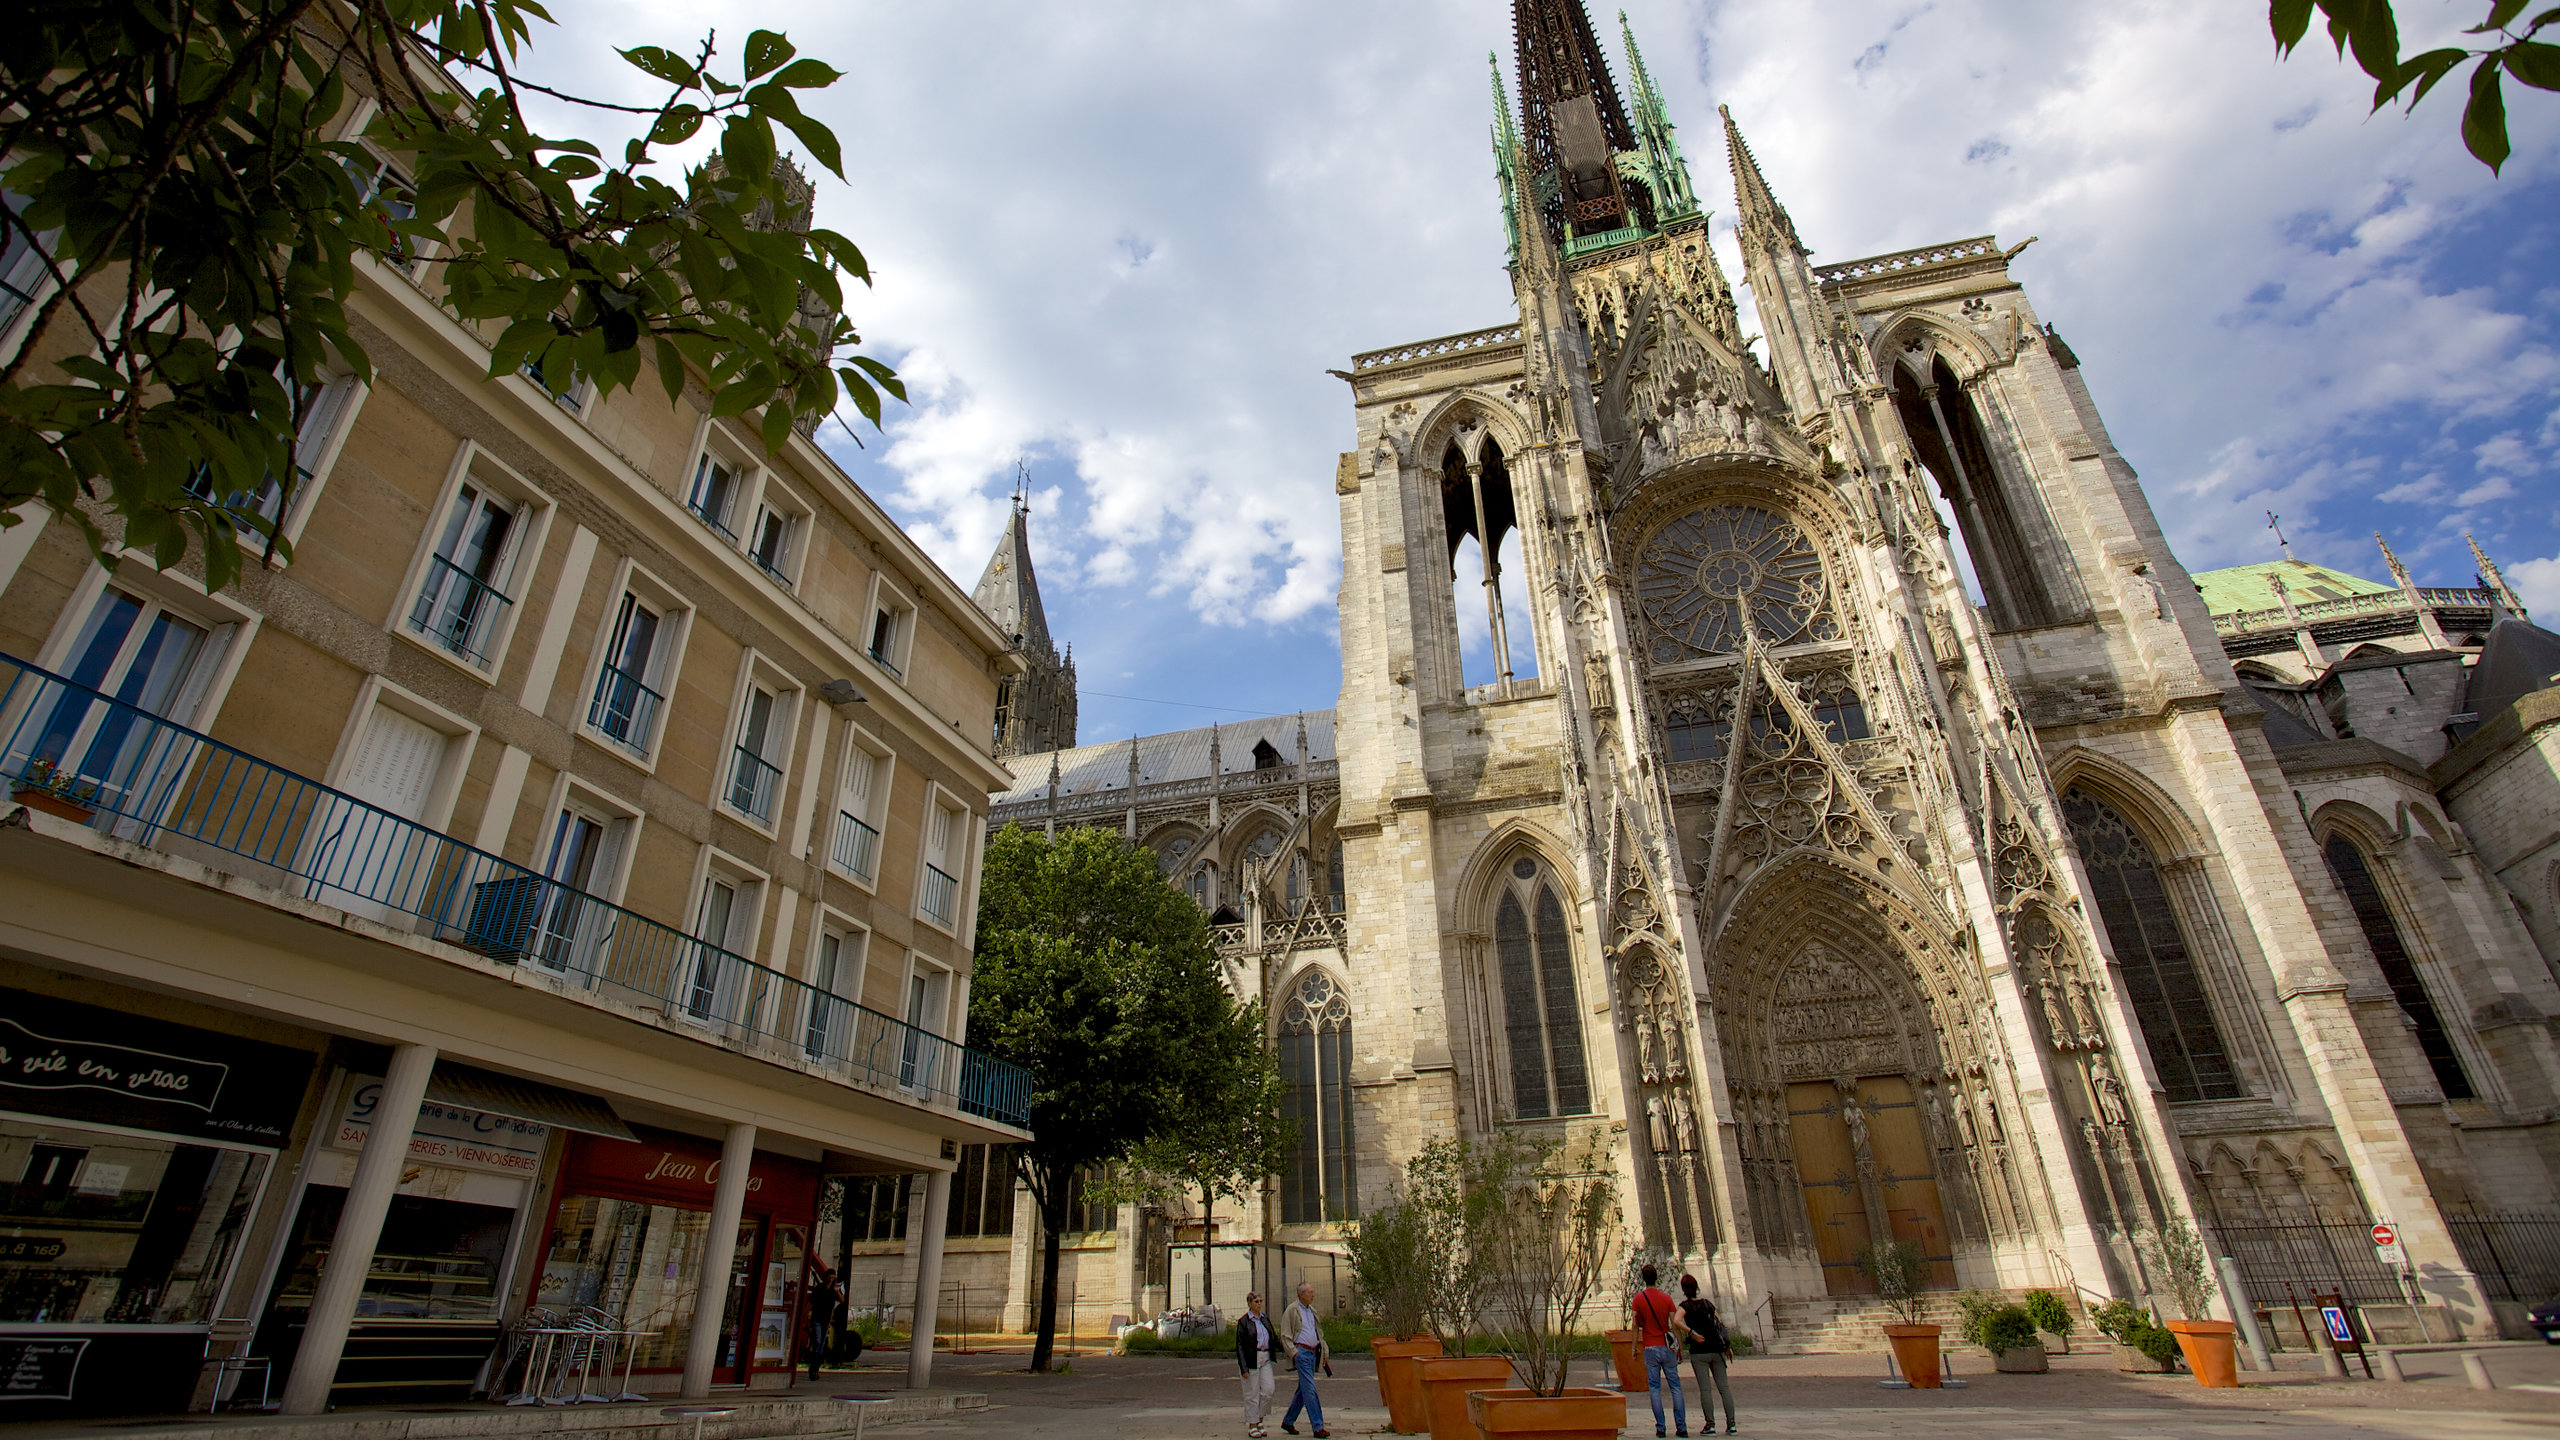 Cette saisissante cathédrale gothique présente des flèches culminantes, des œuvres élaborées et les tombes de rois célèbres.